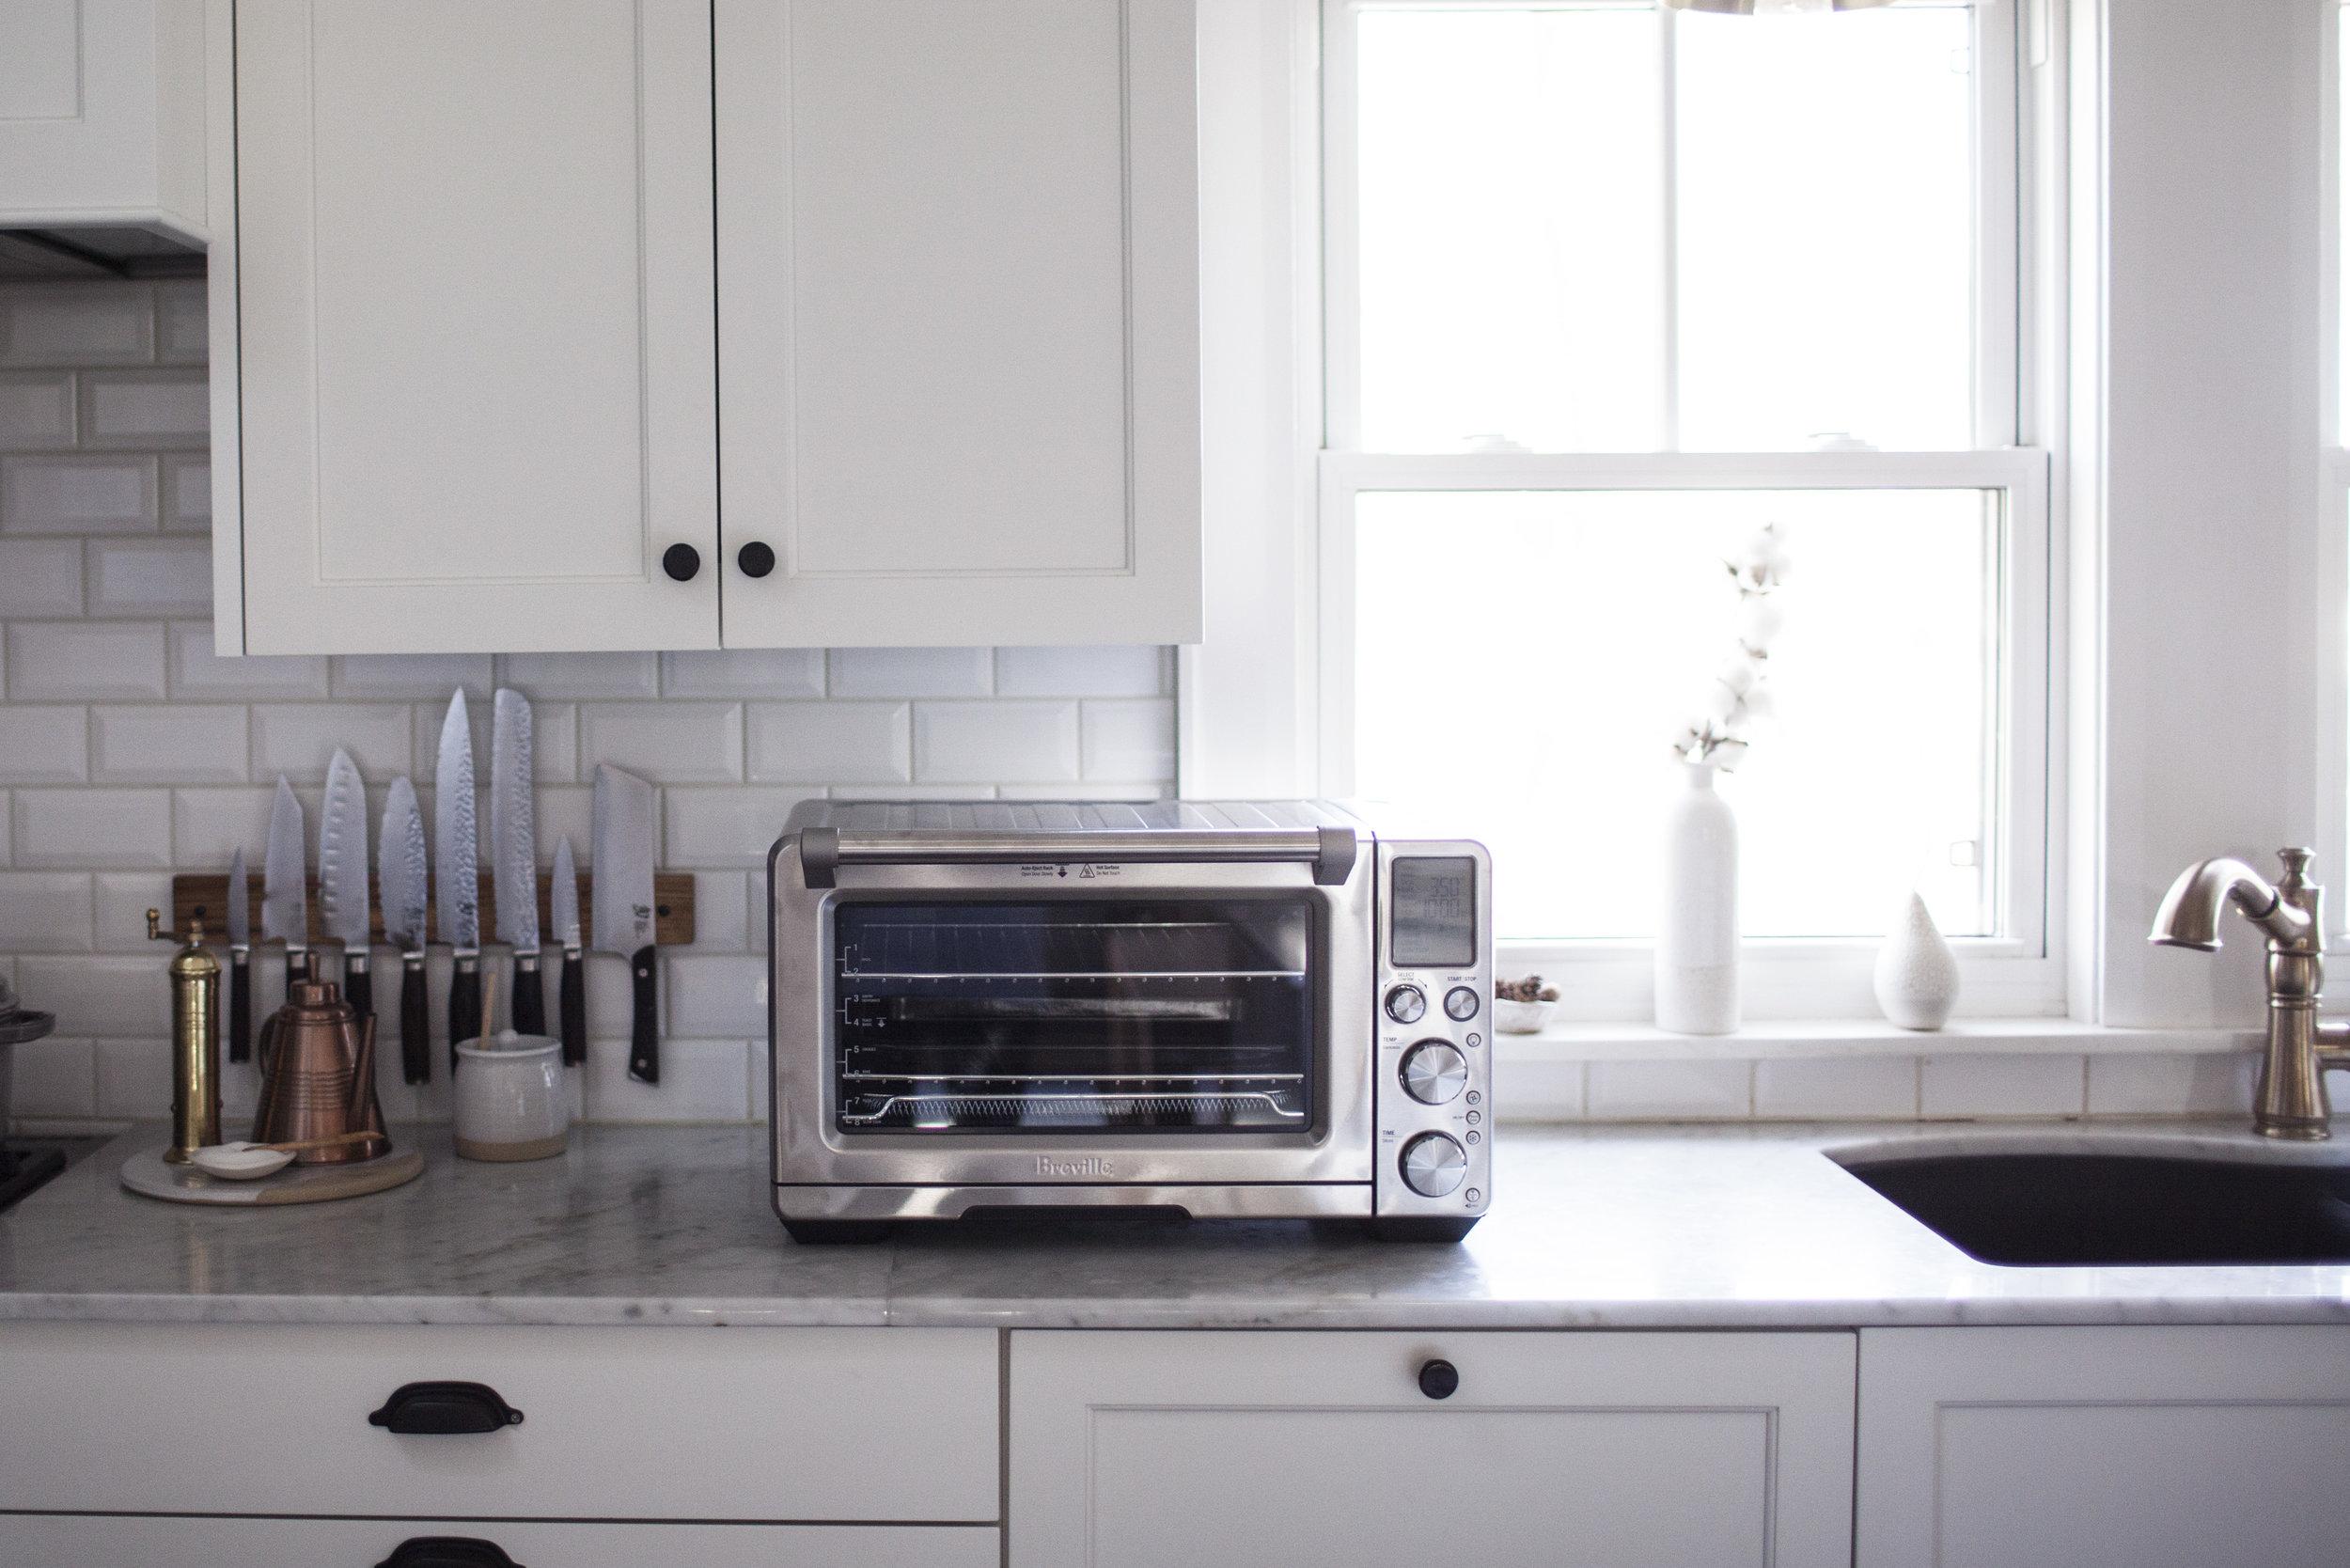 breville toaster oven i.jpg